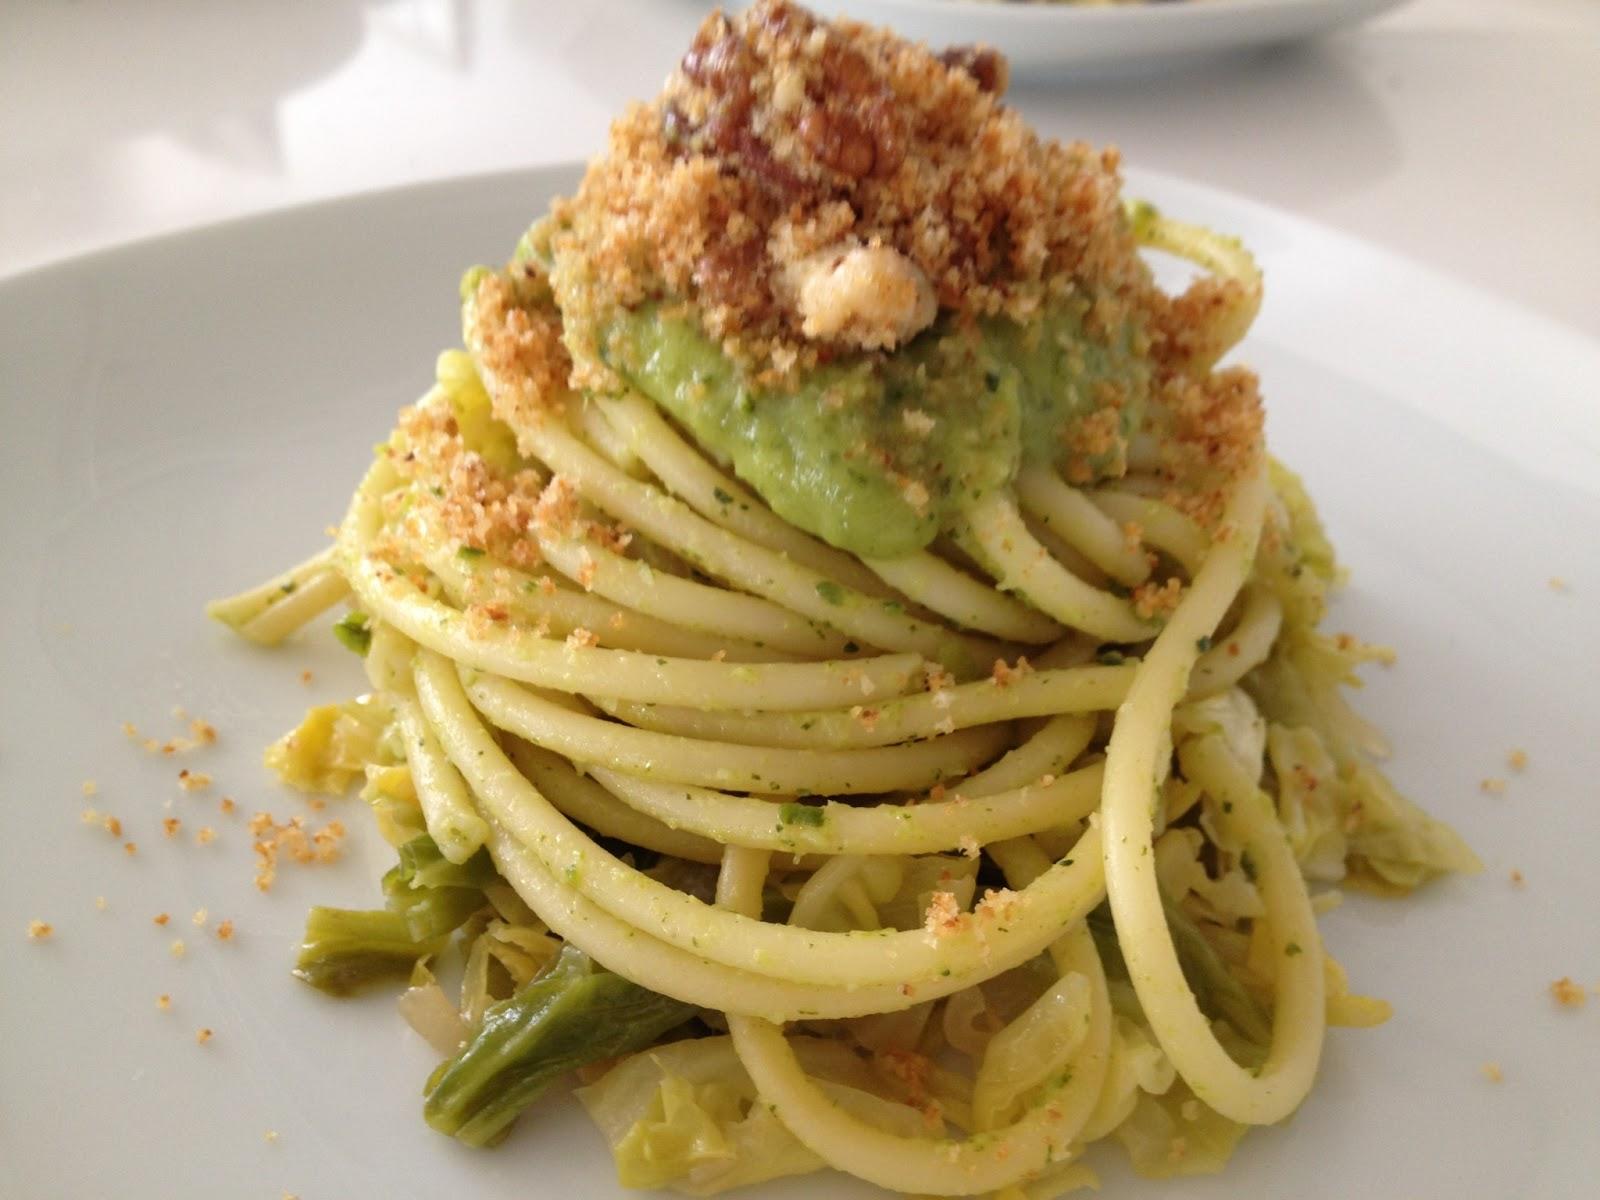 Tacco 12 in cucina spaghettoni alla crema di zucchine for Ricette di cucina particolari